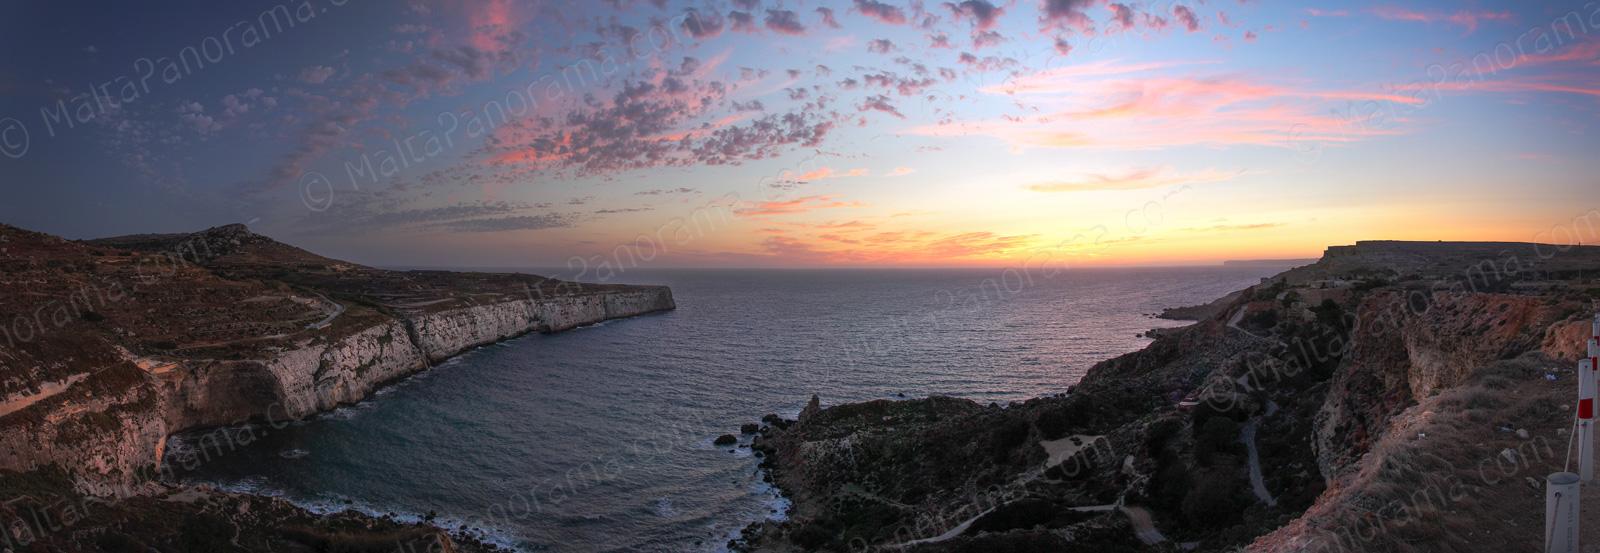 Sunset at Fomm Ir-Rih Bay